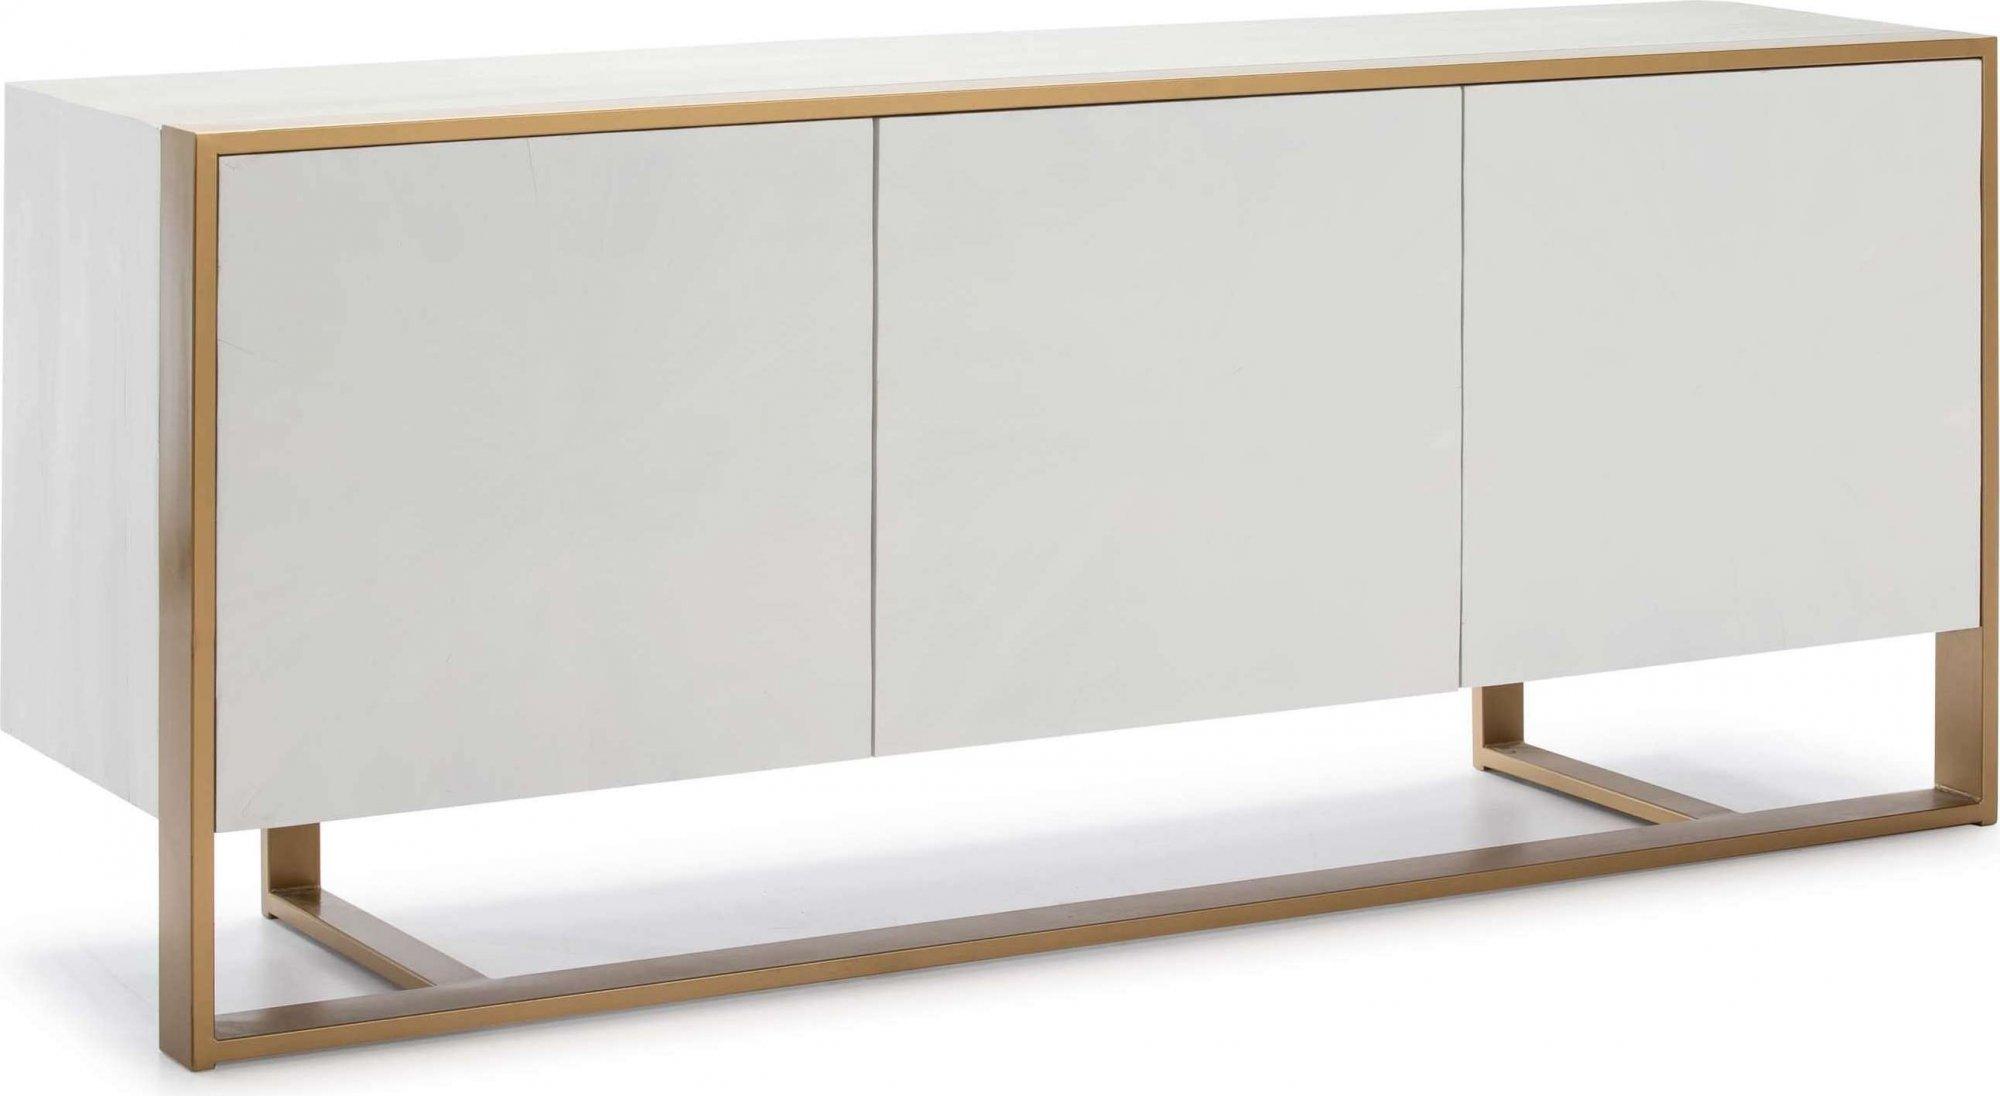 Commode design en bois 3 portes bois blanc pieds dorés